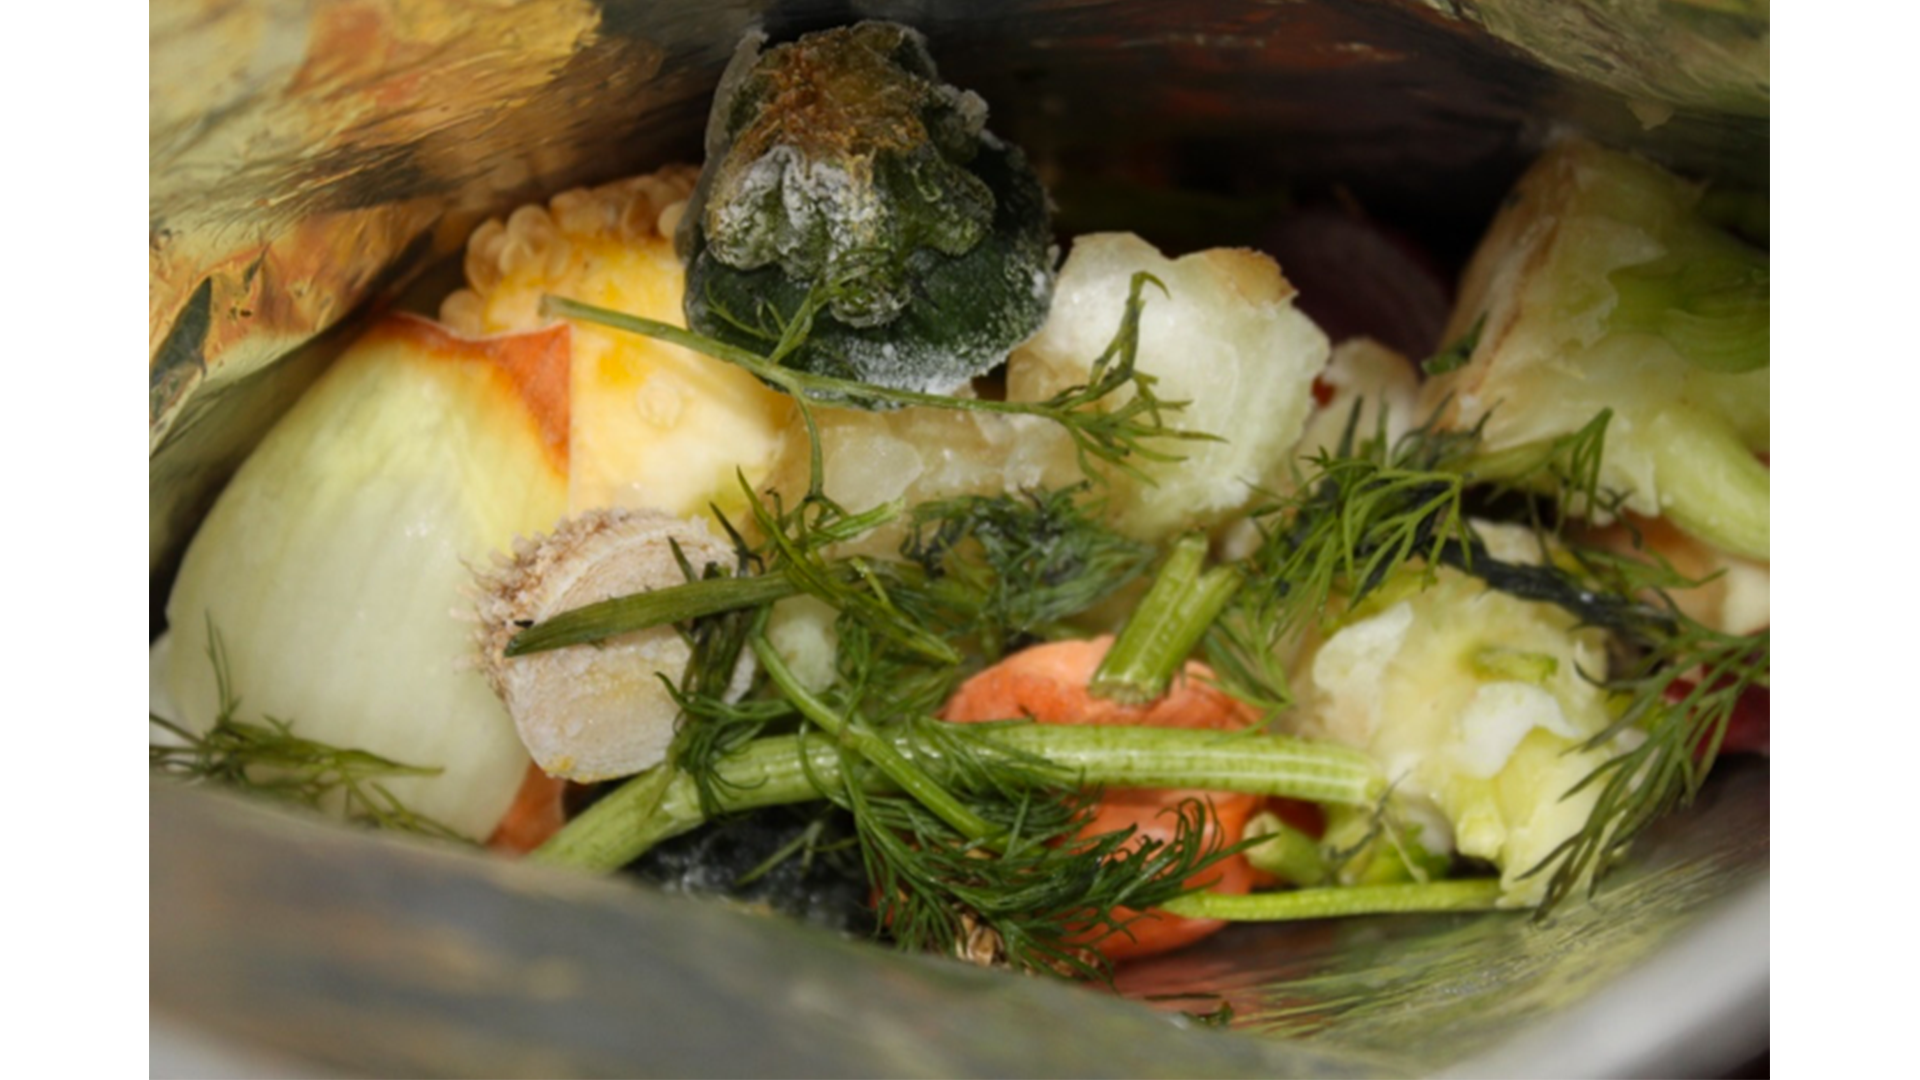 20190308_lutter_contre_le_gaspillage_alimentaire_un_bouillon_a_la_fois_article_blogue_louis_philippe_potvin_3